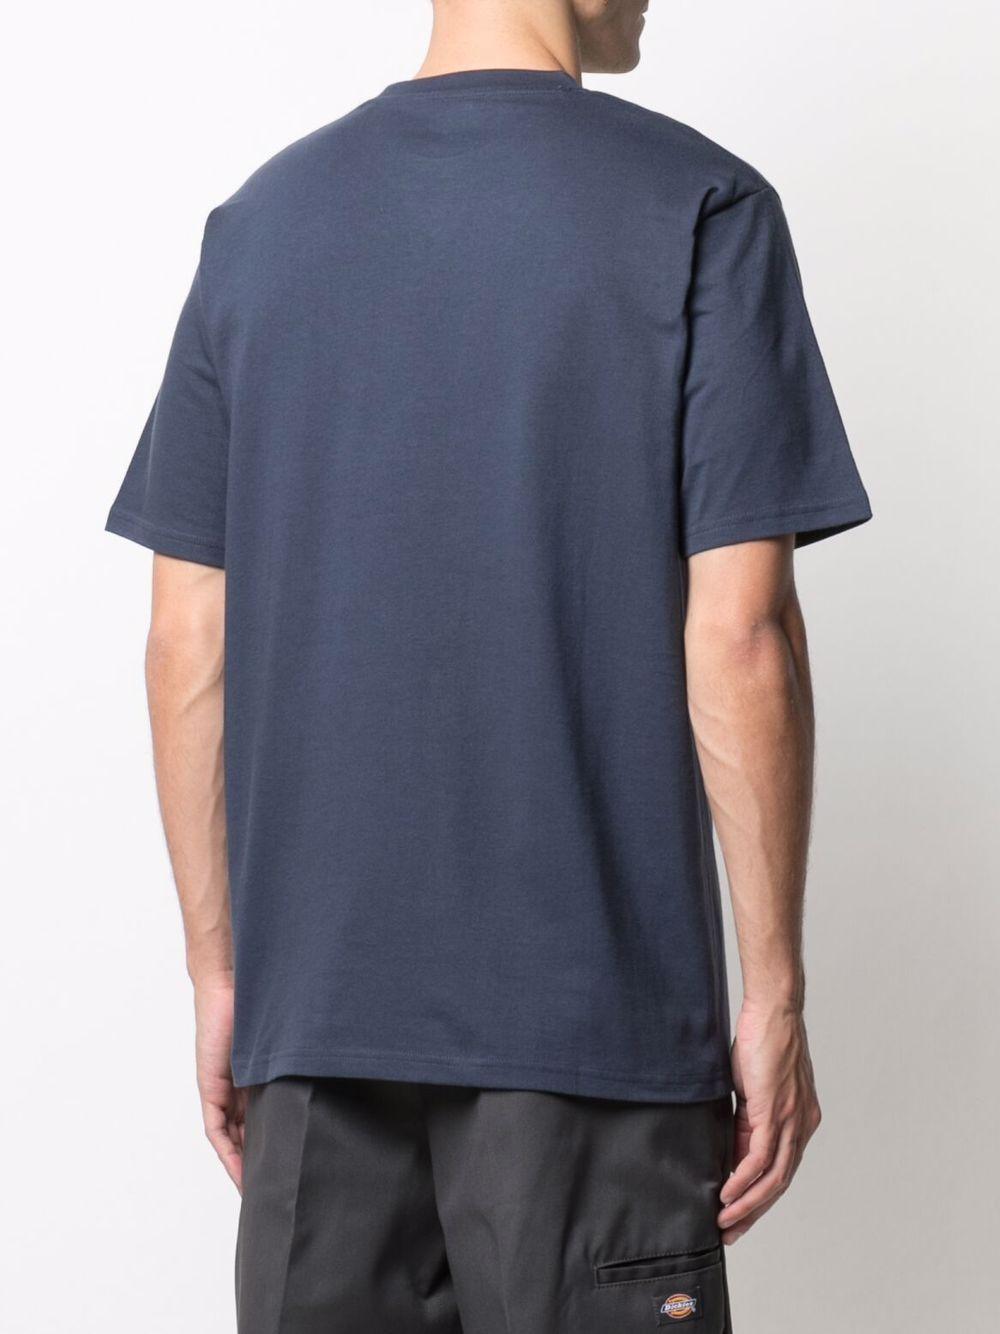 LOGO T-SHIRT DICKIES | T-shirts | DK0A4XC9NV01